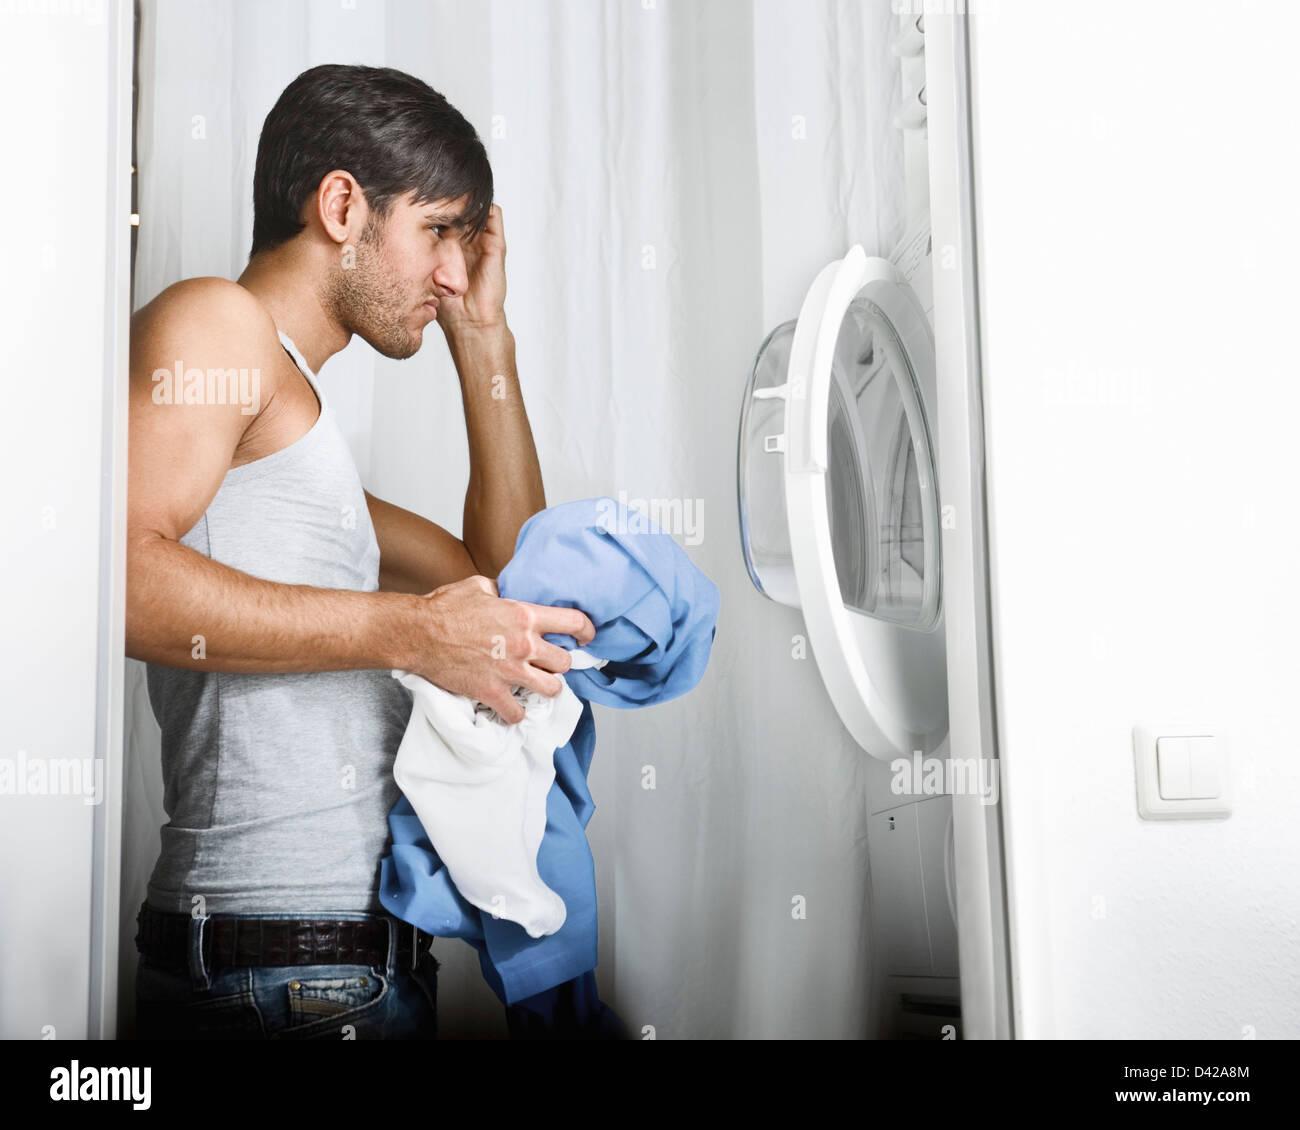 L'homme ayant des problèmes d'utiliser la machine à laver sur Jour de lessive Photo Stock